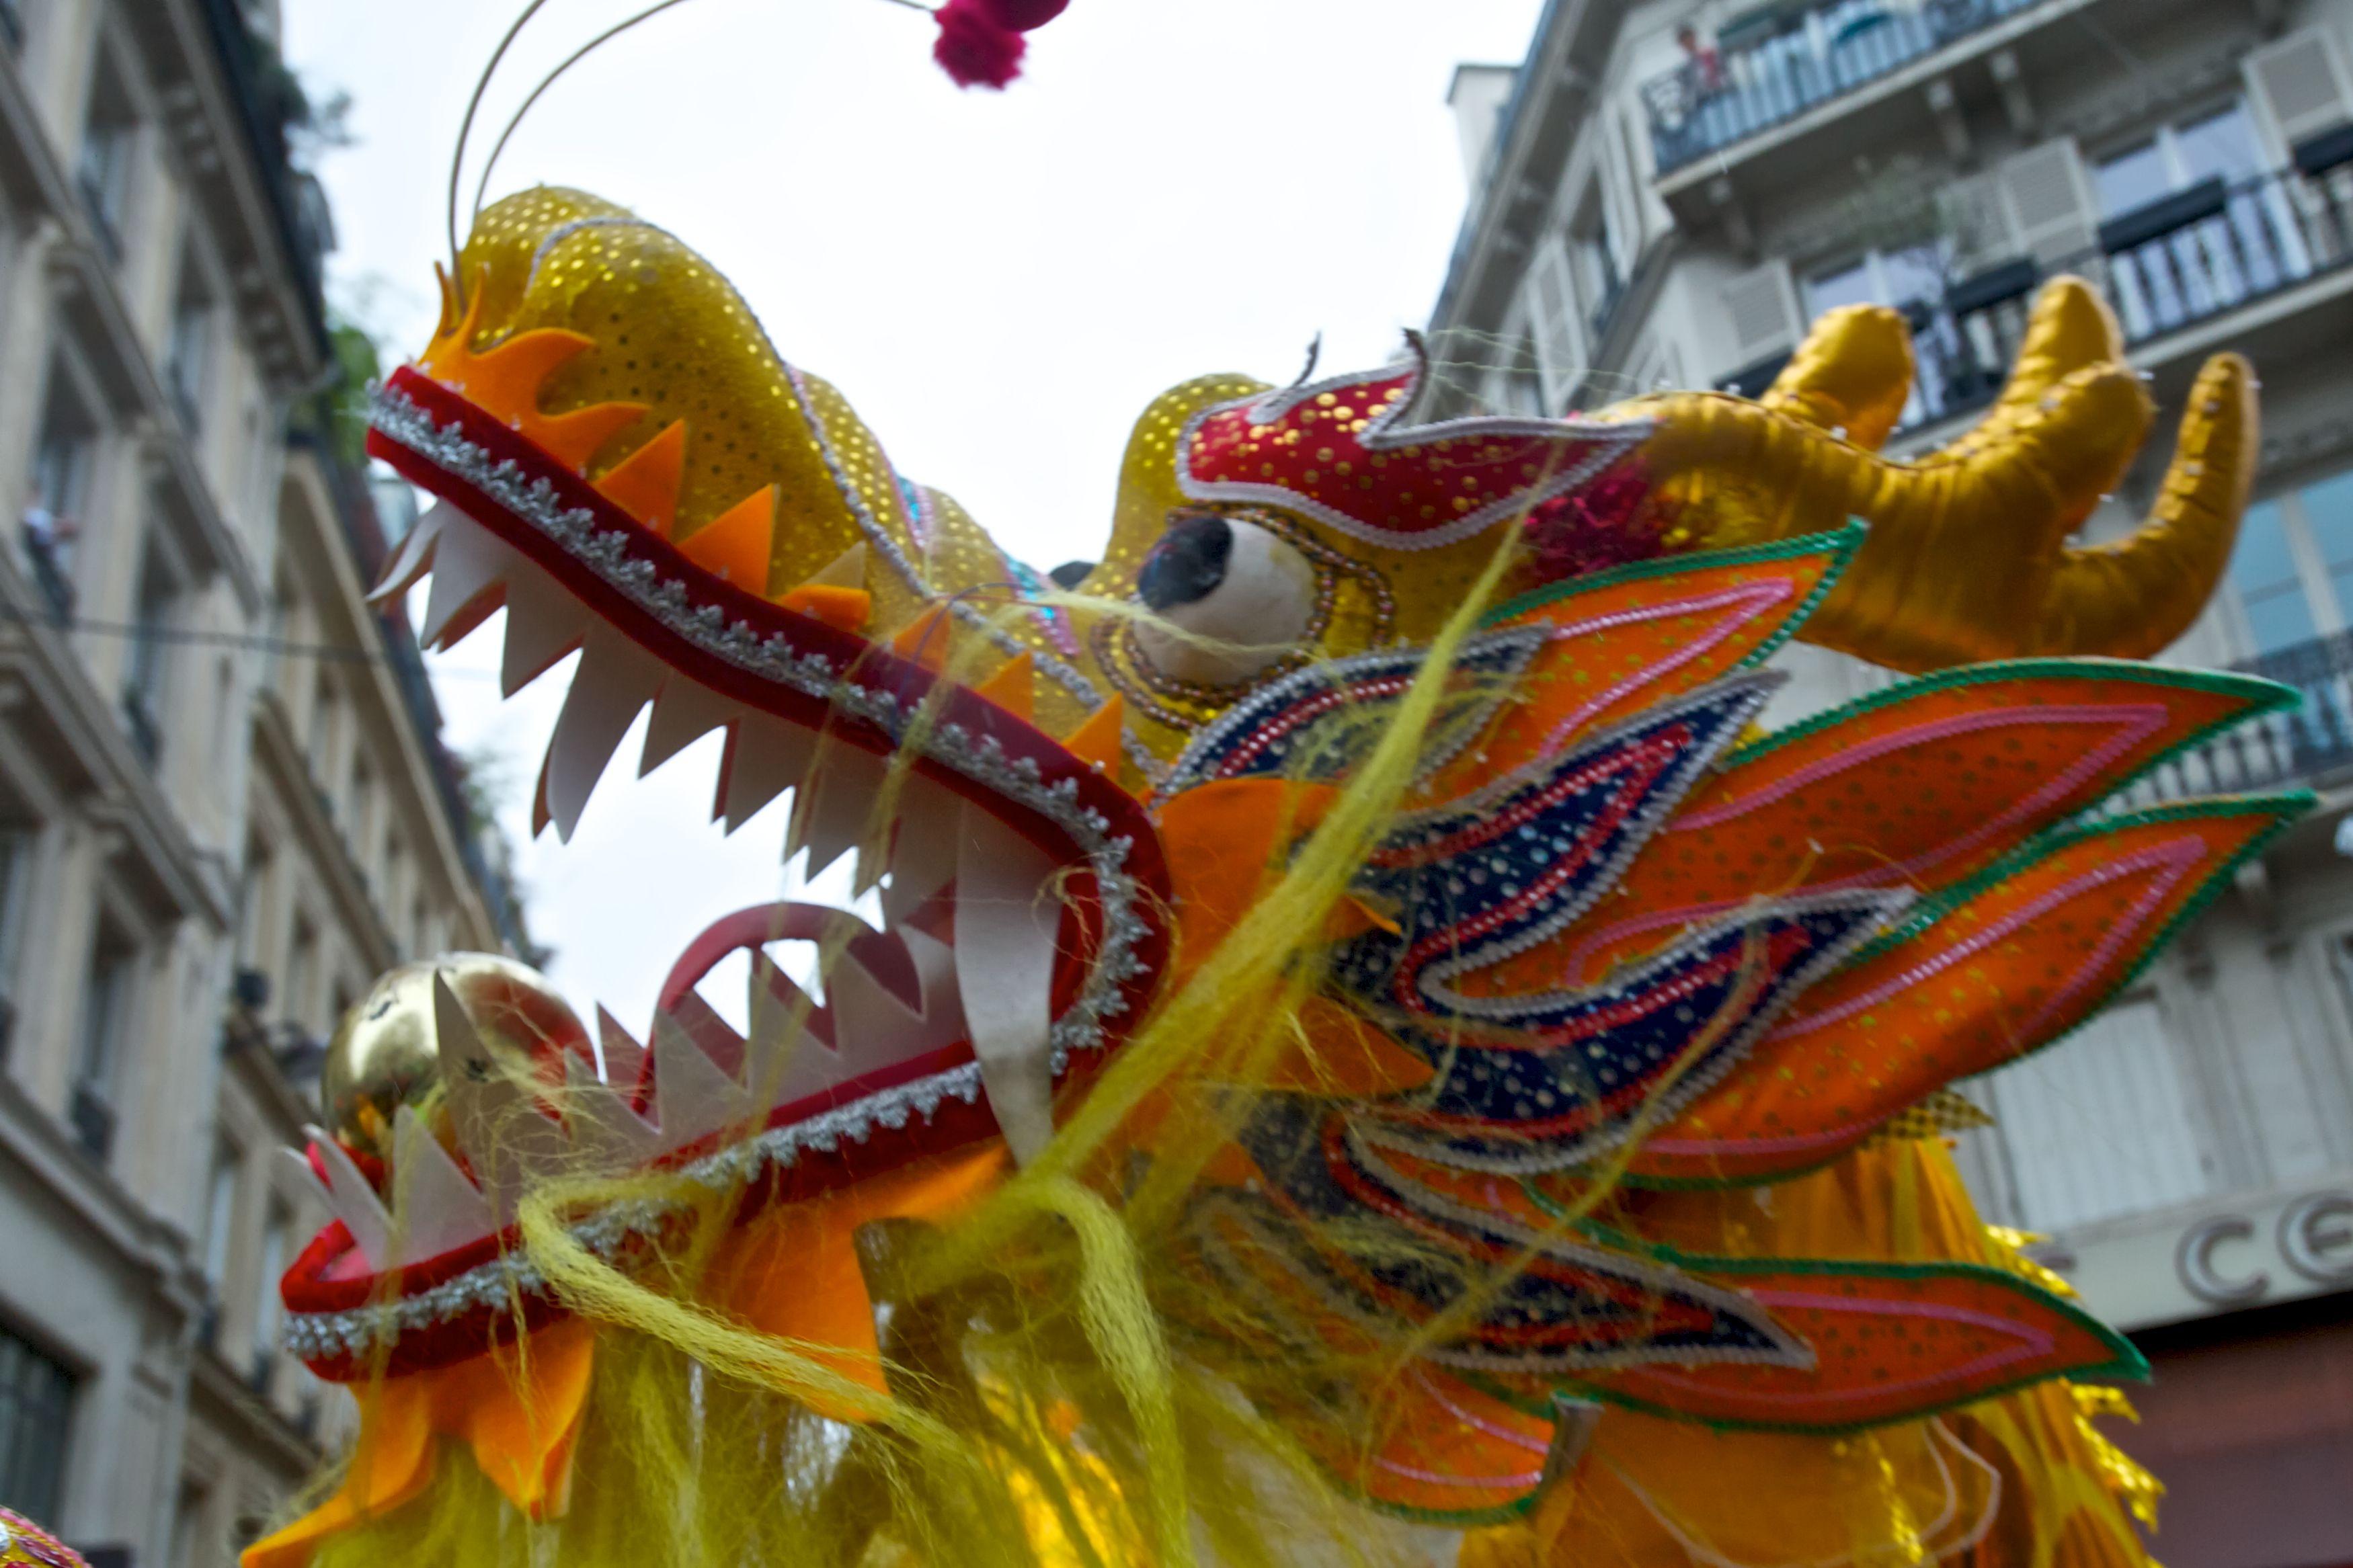 La fiesta del año nuevo en Paris http://paris-infinito.com/la-fiesta-del-ano-nuevo-chino-en-paris/